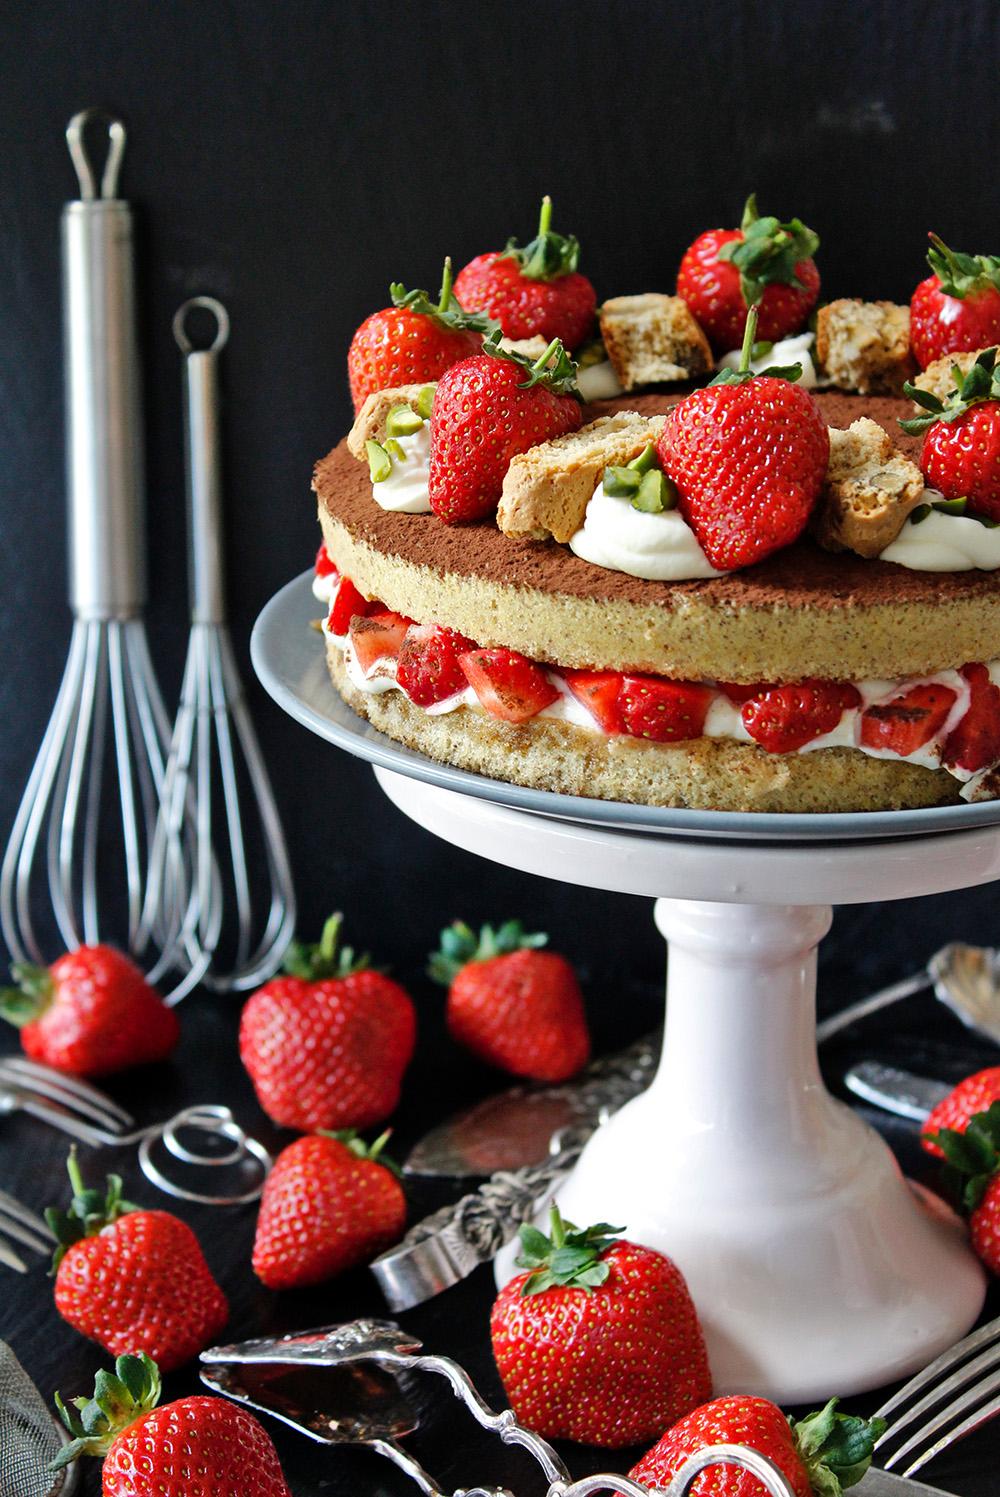 Rezept für Erdbeer-Cantuccini-Torte von Einmal Nachschlag, bitte!